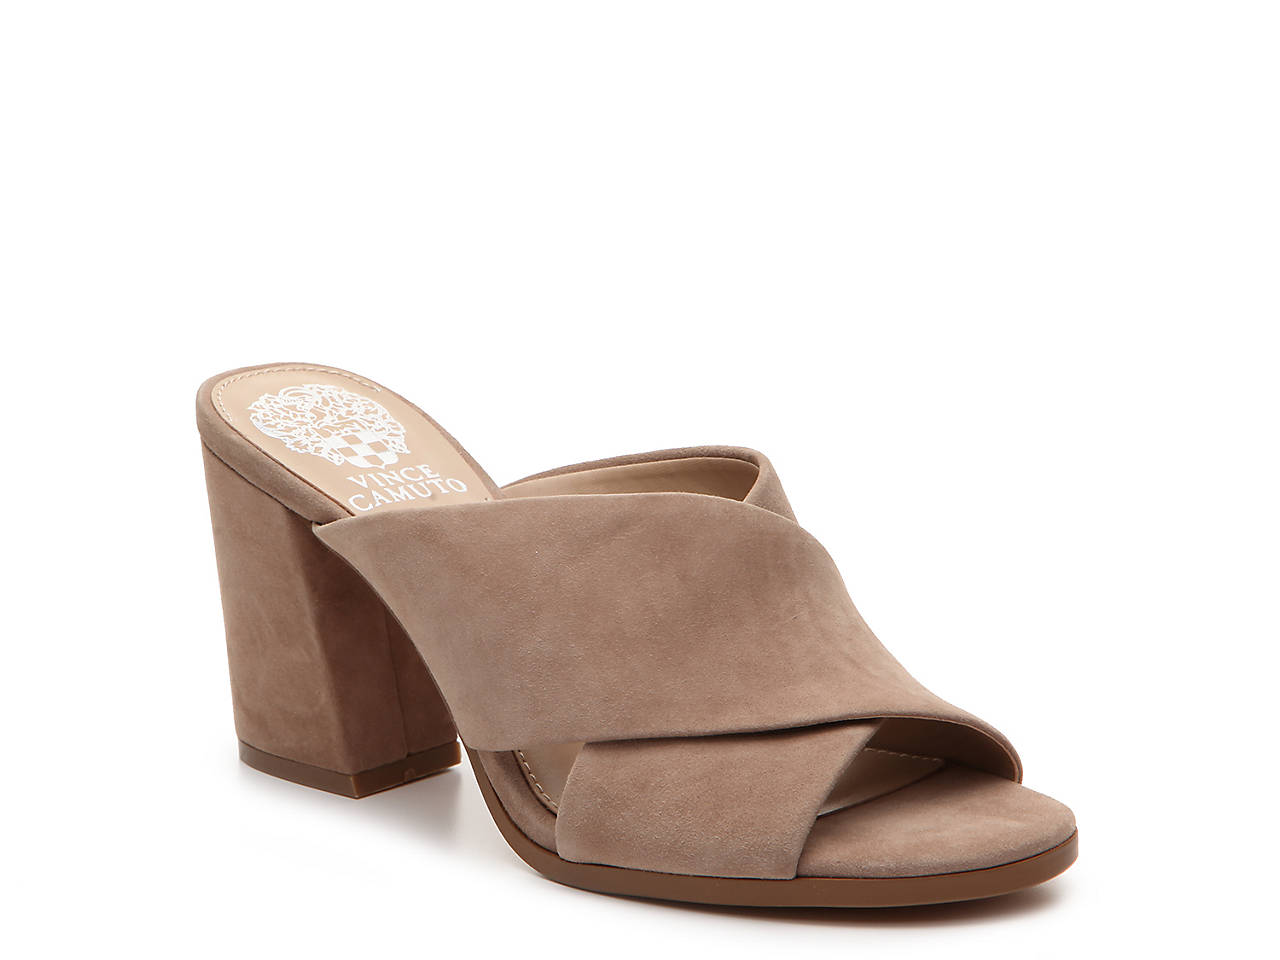 3b1a8dba827 Vince Camuto Levey Sandal Women s Shoes